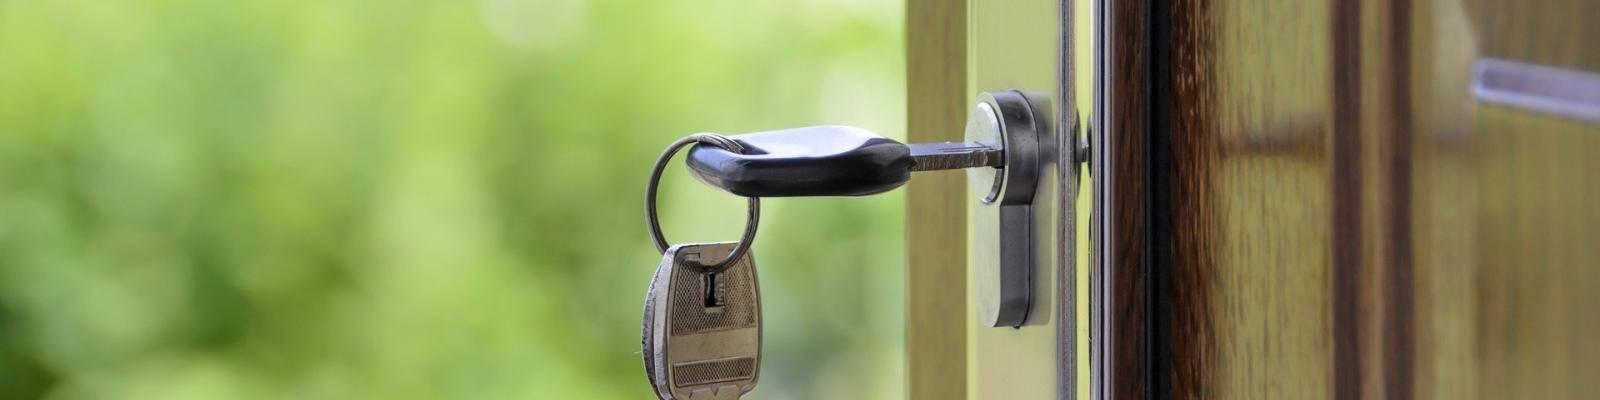 sleutel in nieuw huis